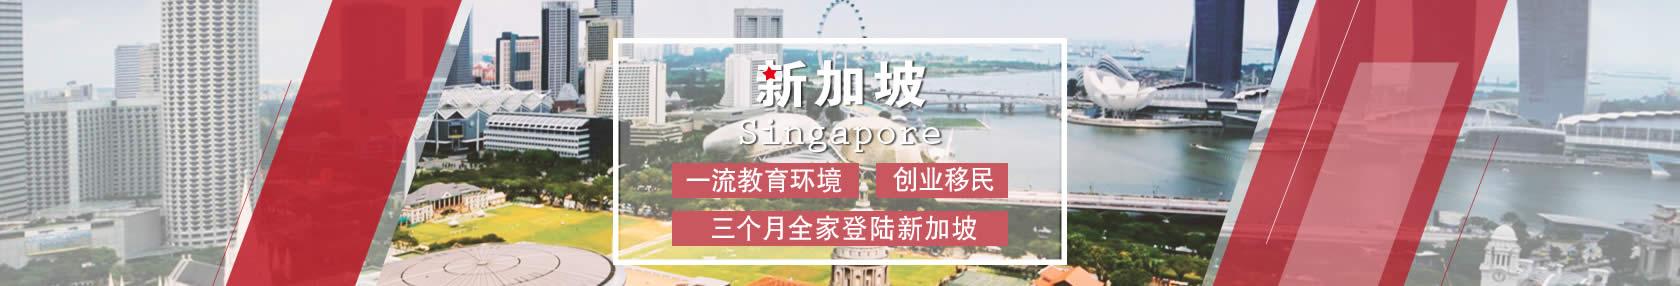 【环球移民】新加坡创业移民,三个月即可全家登陆新加坡享受一流教育环境